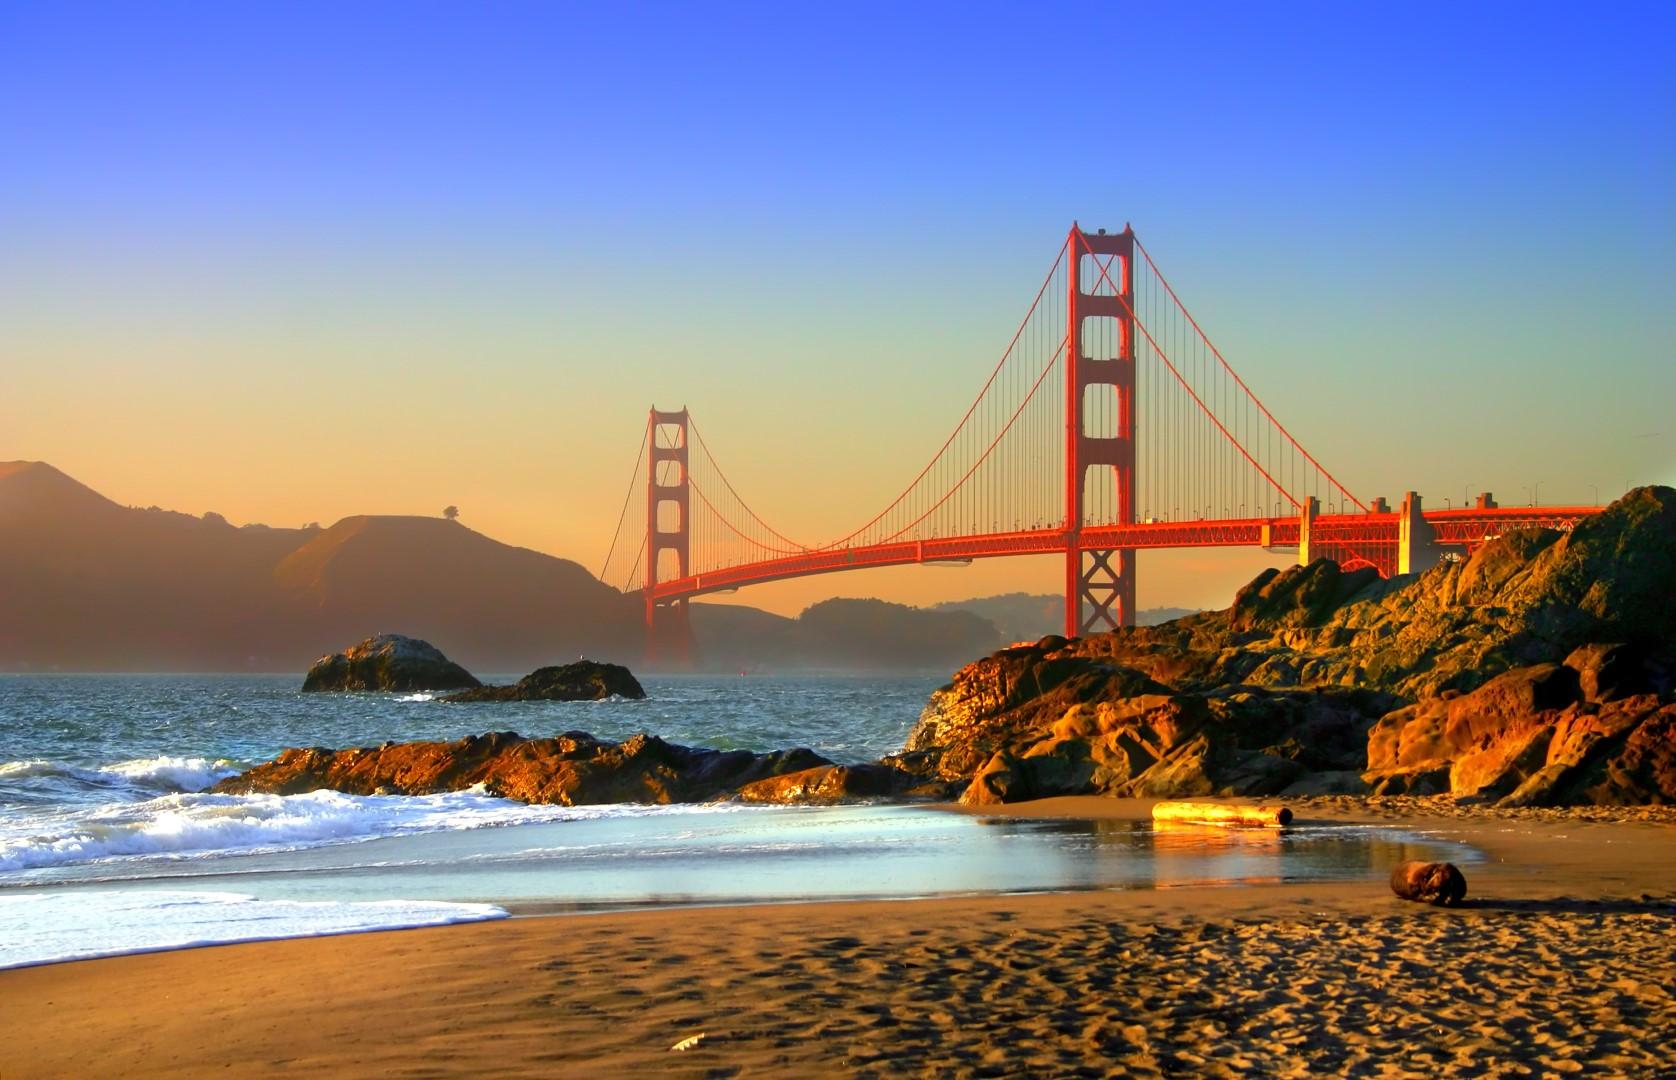 Du lịch Mỹ - Cầu cổng Vàng